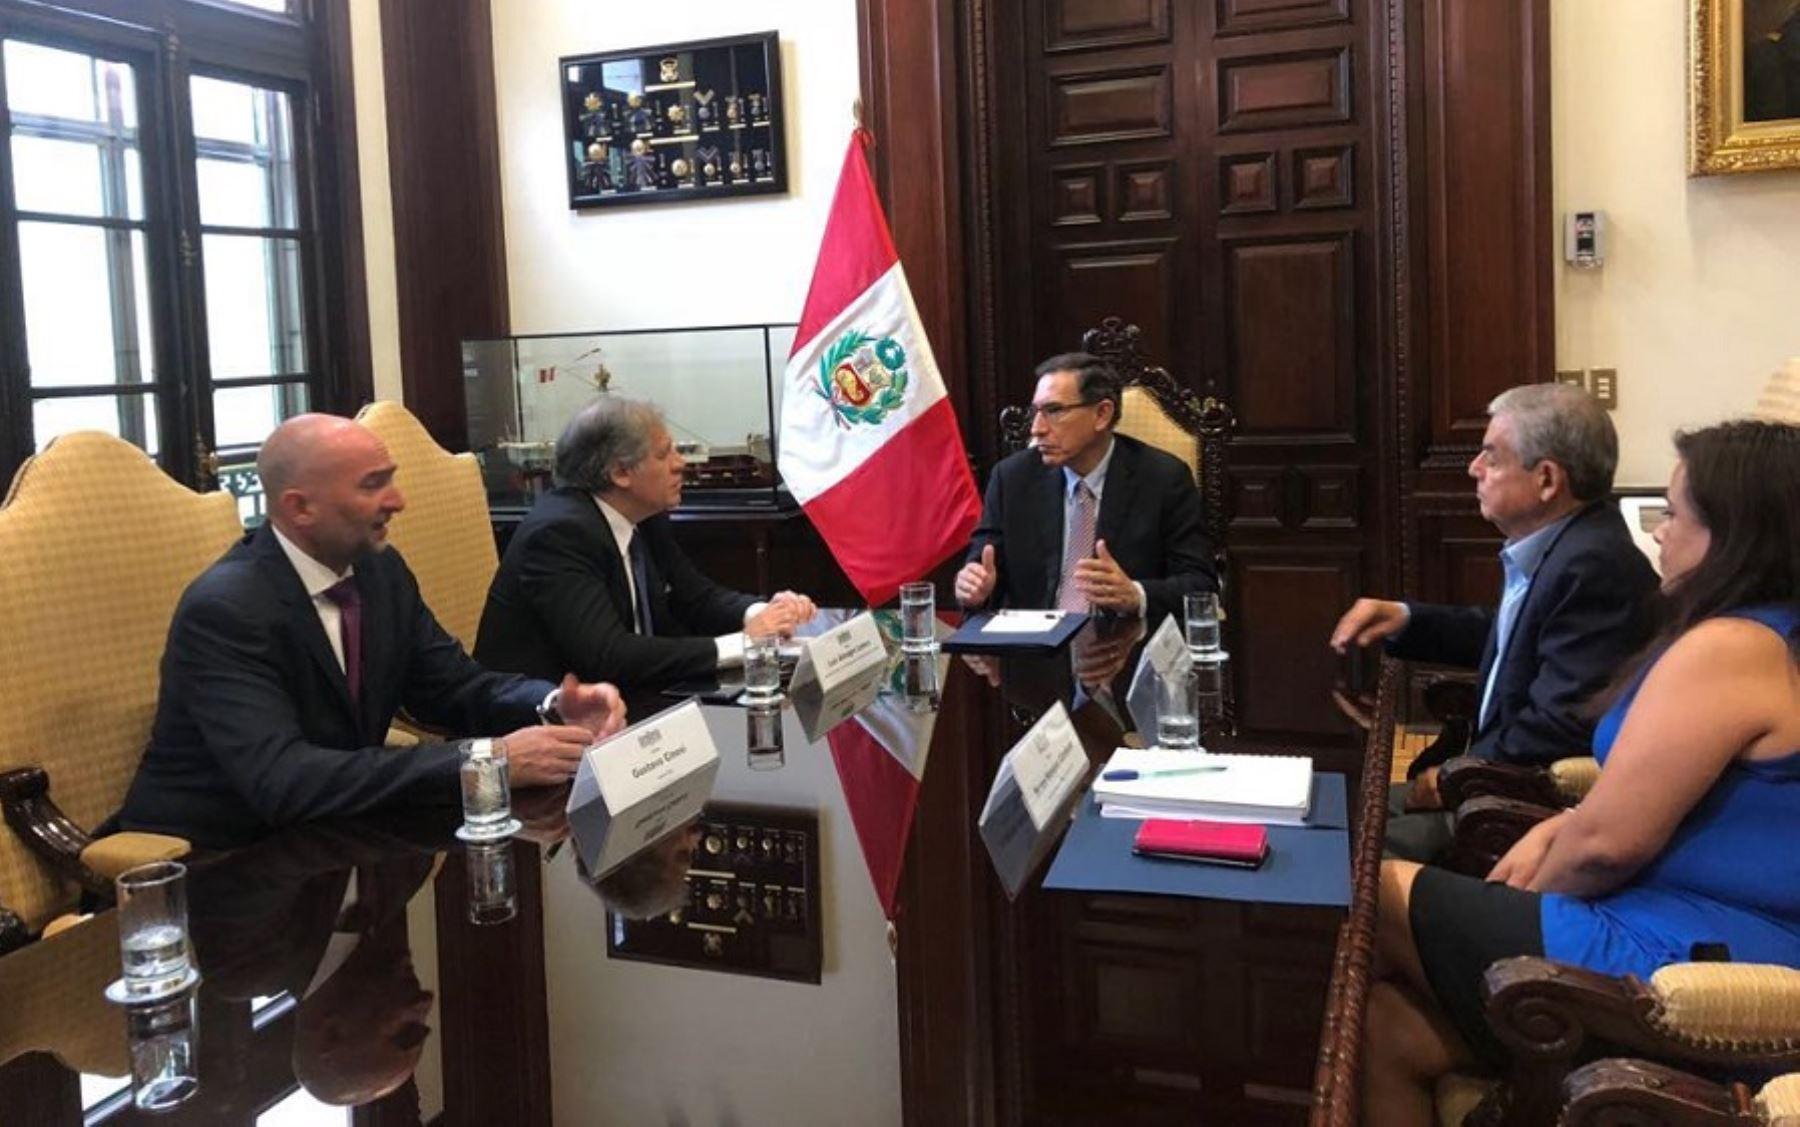 Reunión entre el presidente Martín Vizcarra y el secretario general de la OEA, Luis Almagro.